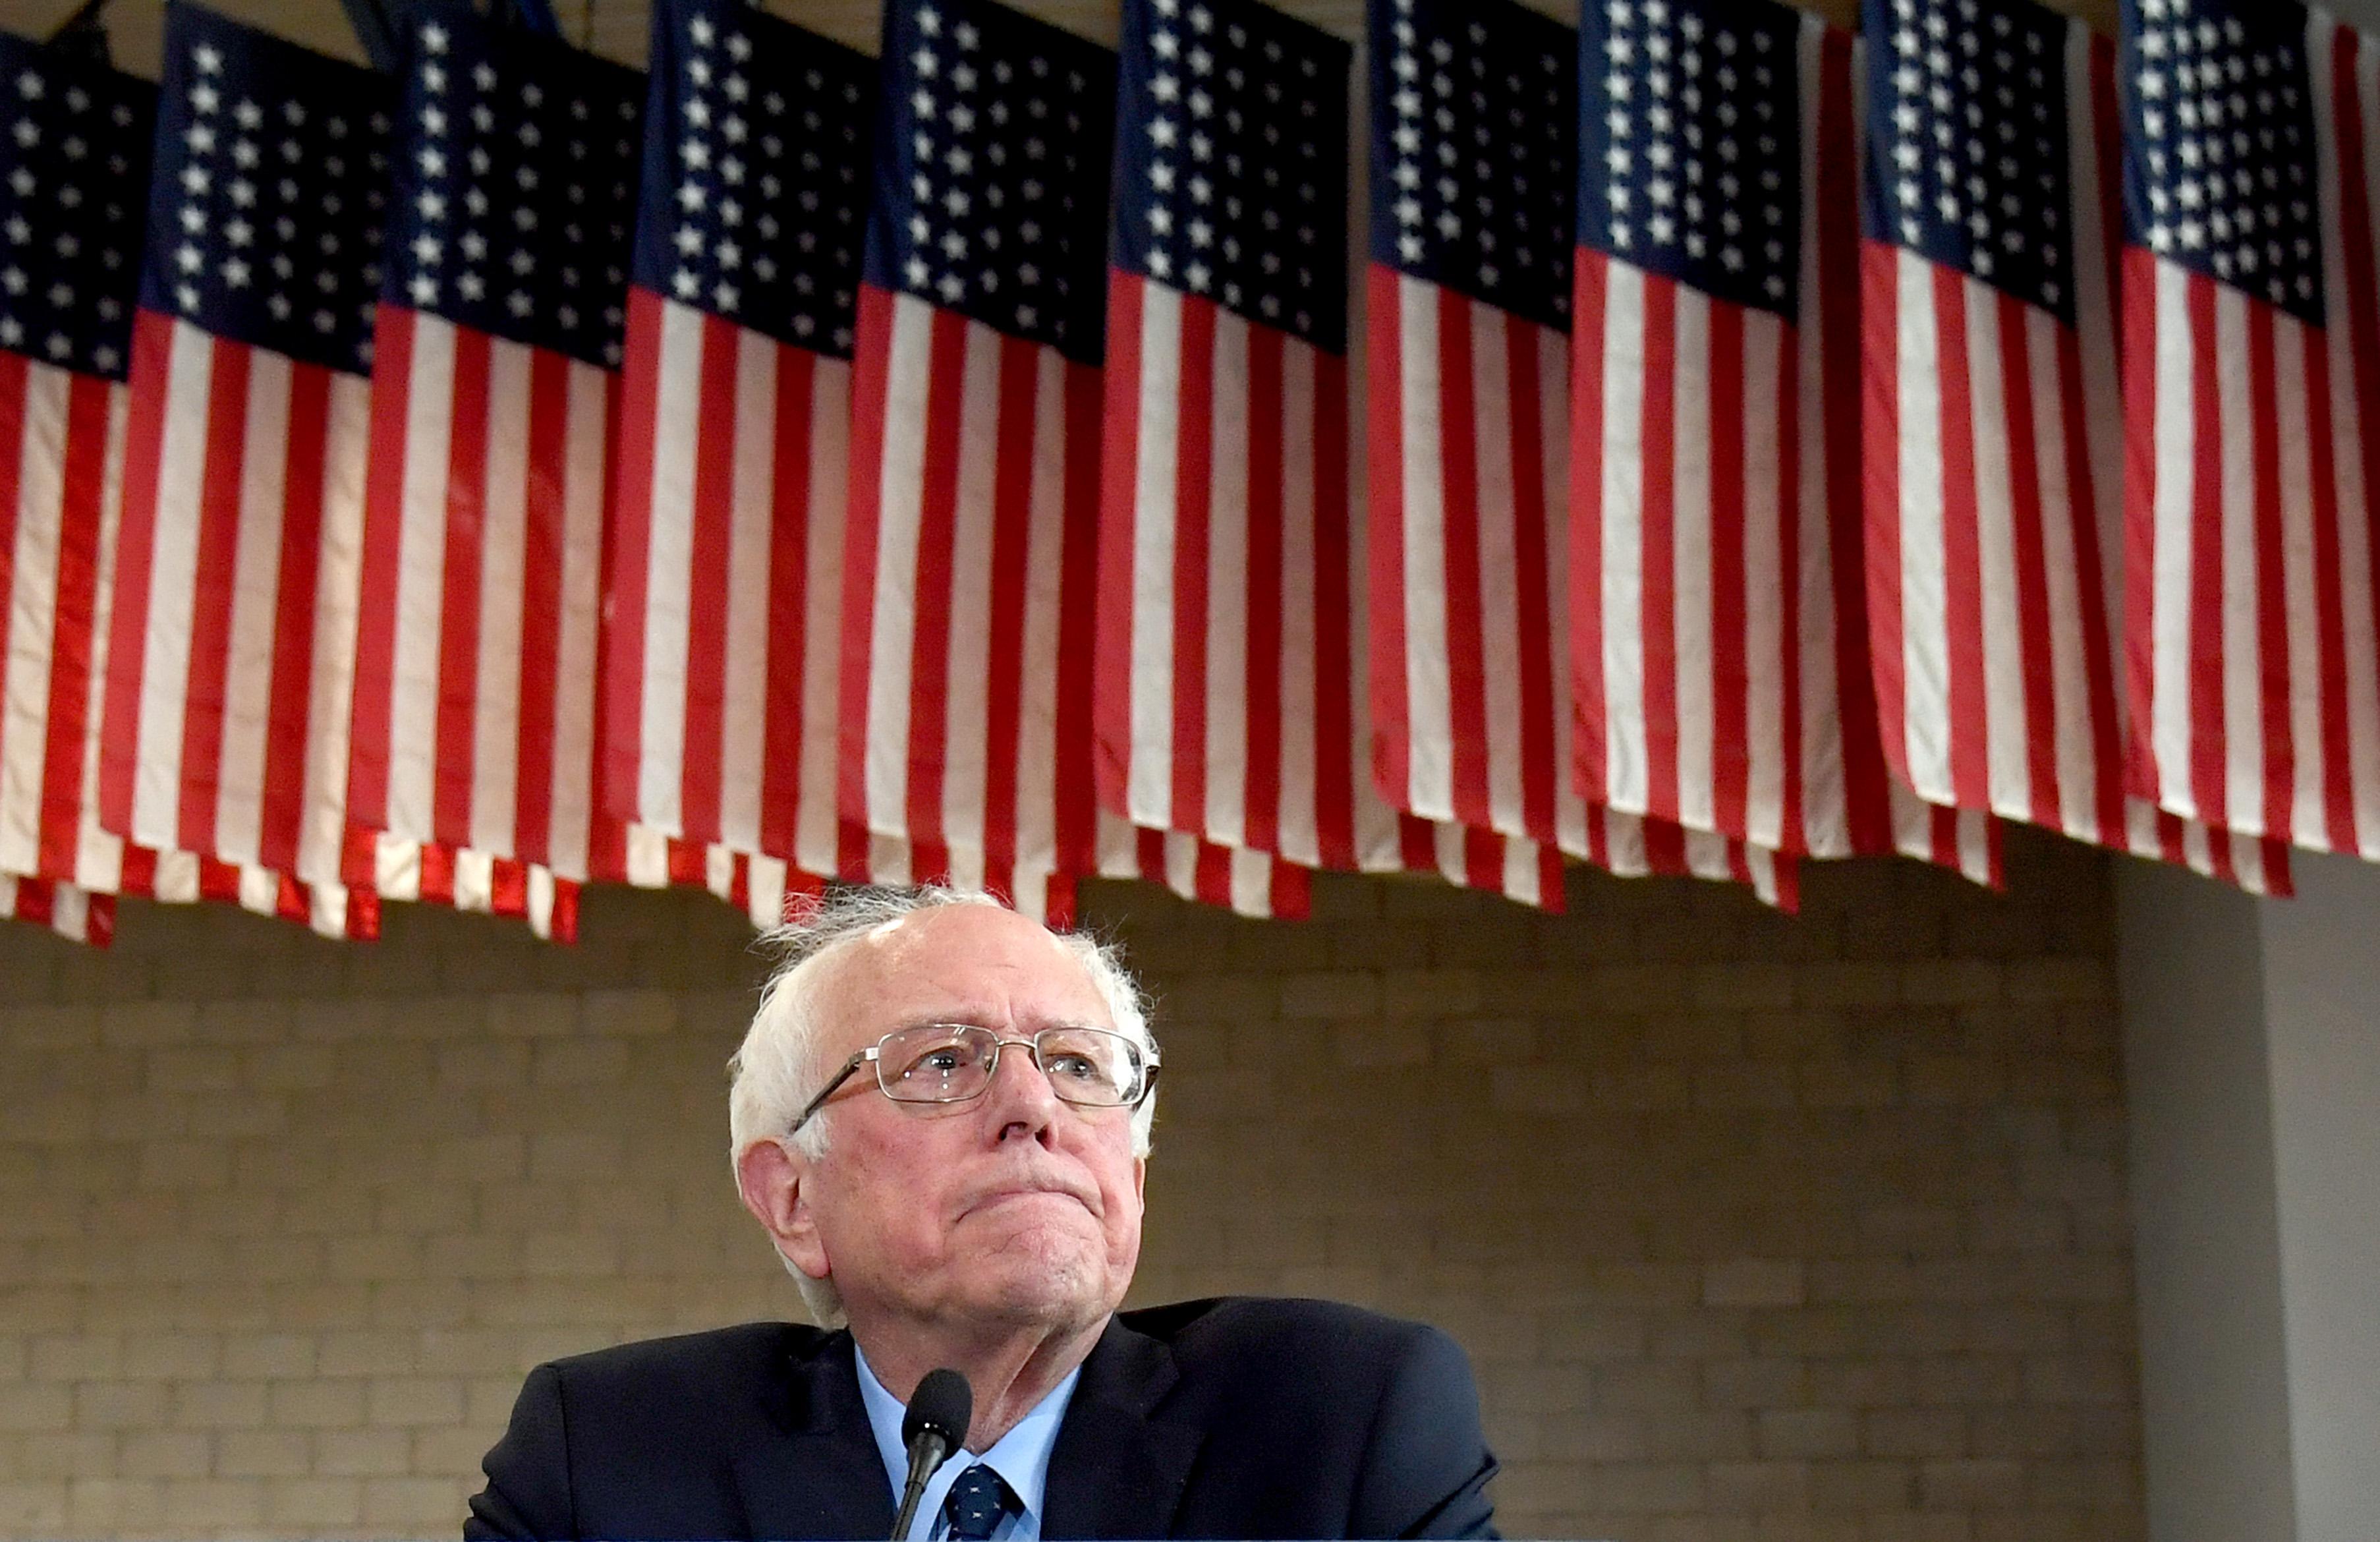 Bernie Sanders Holds Town Hall At North Las Vegas High School